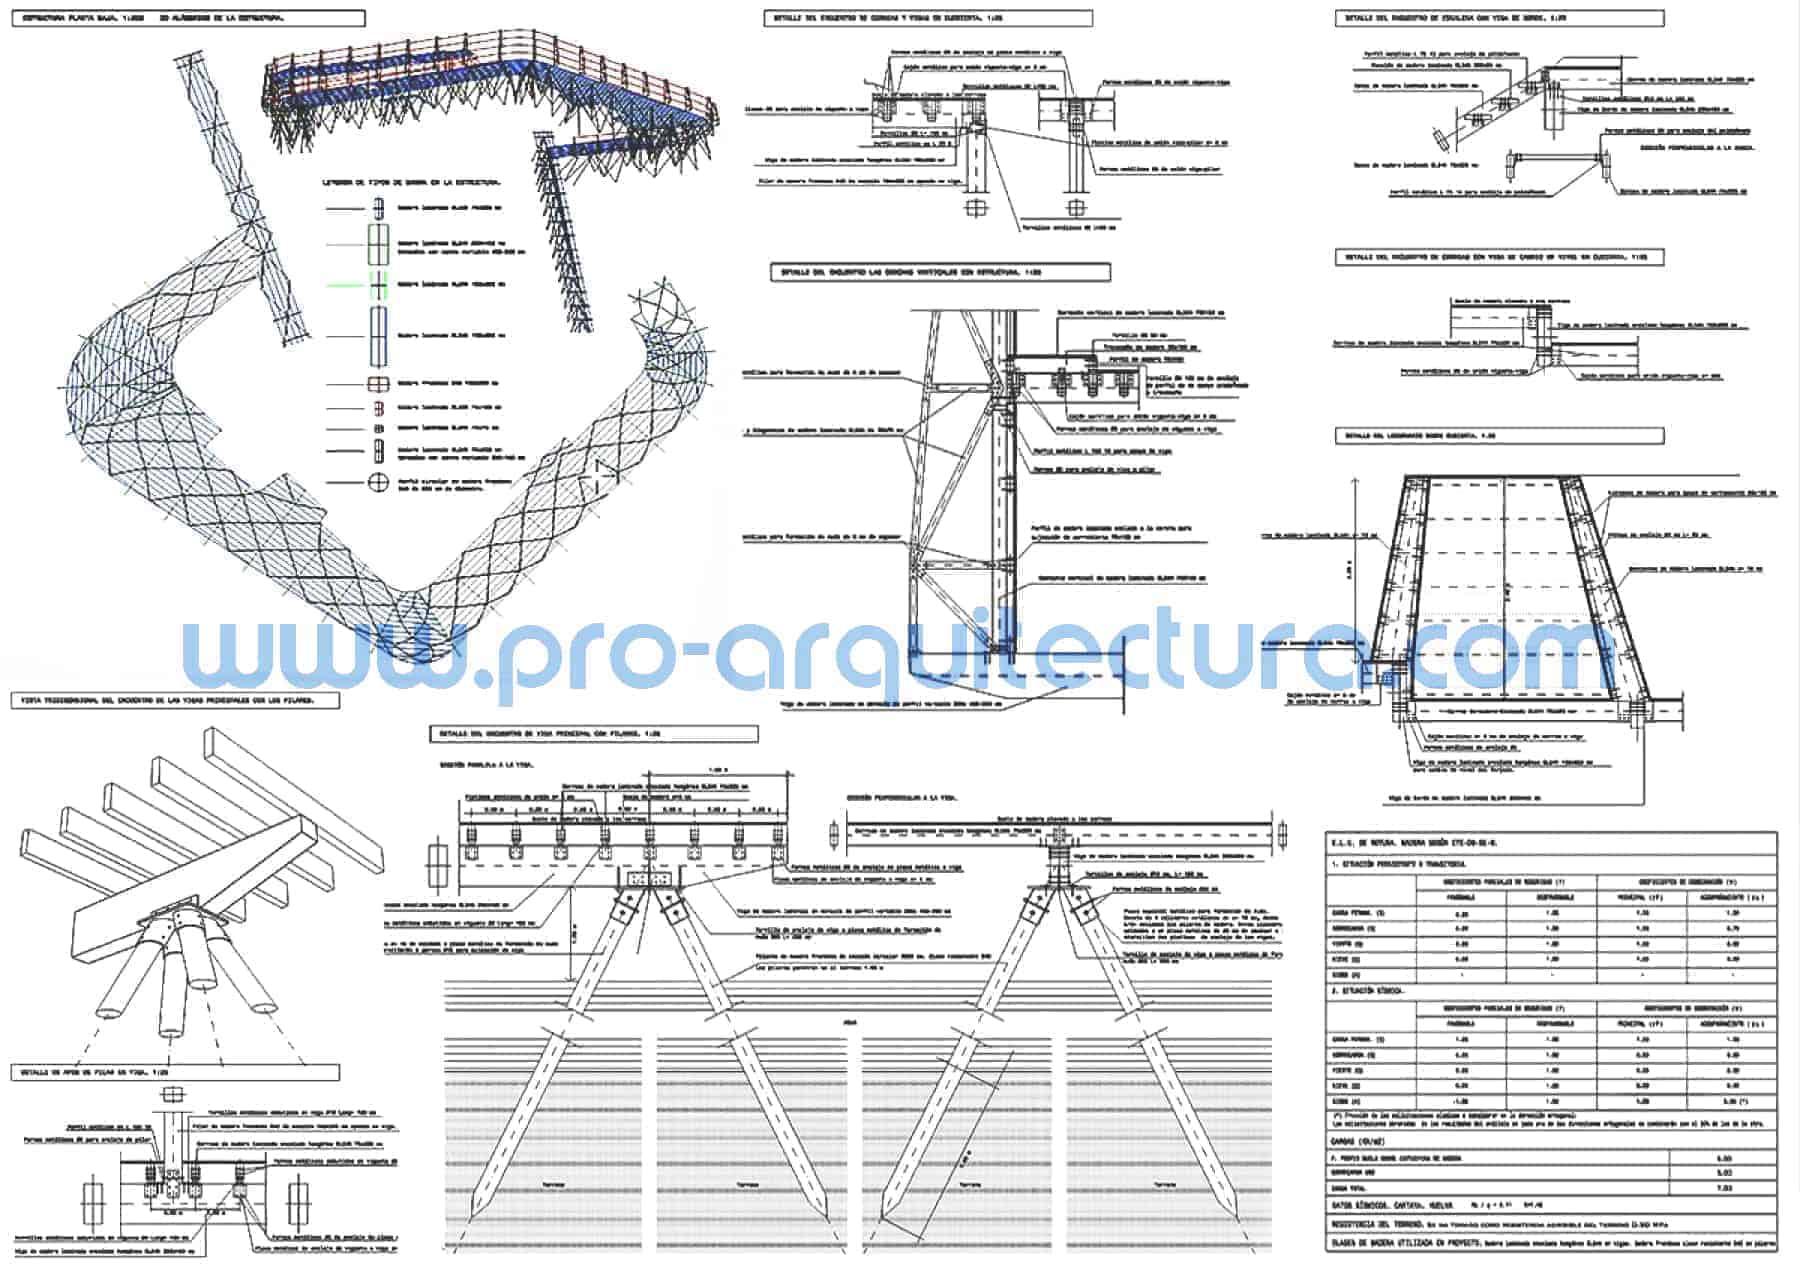 0057-01 Restaurante y plataforma de madera sobre el río - Planos de estructuras - Tu ayuda con la entrega de la estructura pfc pfg tfg tfm de arquitectura.